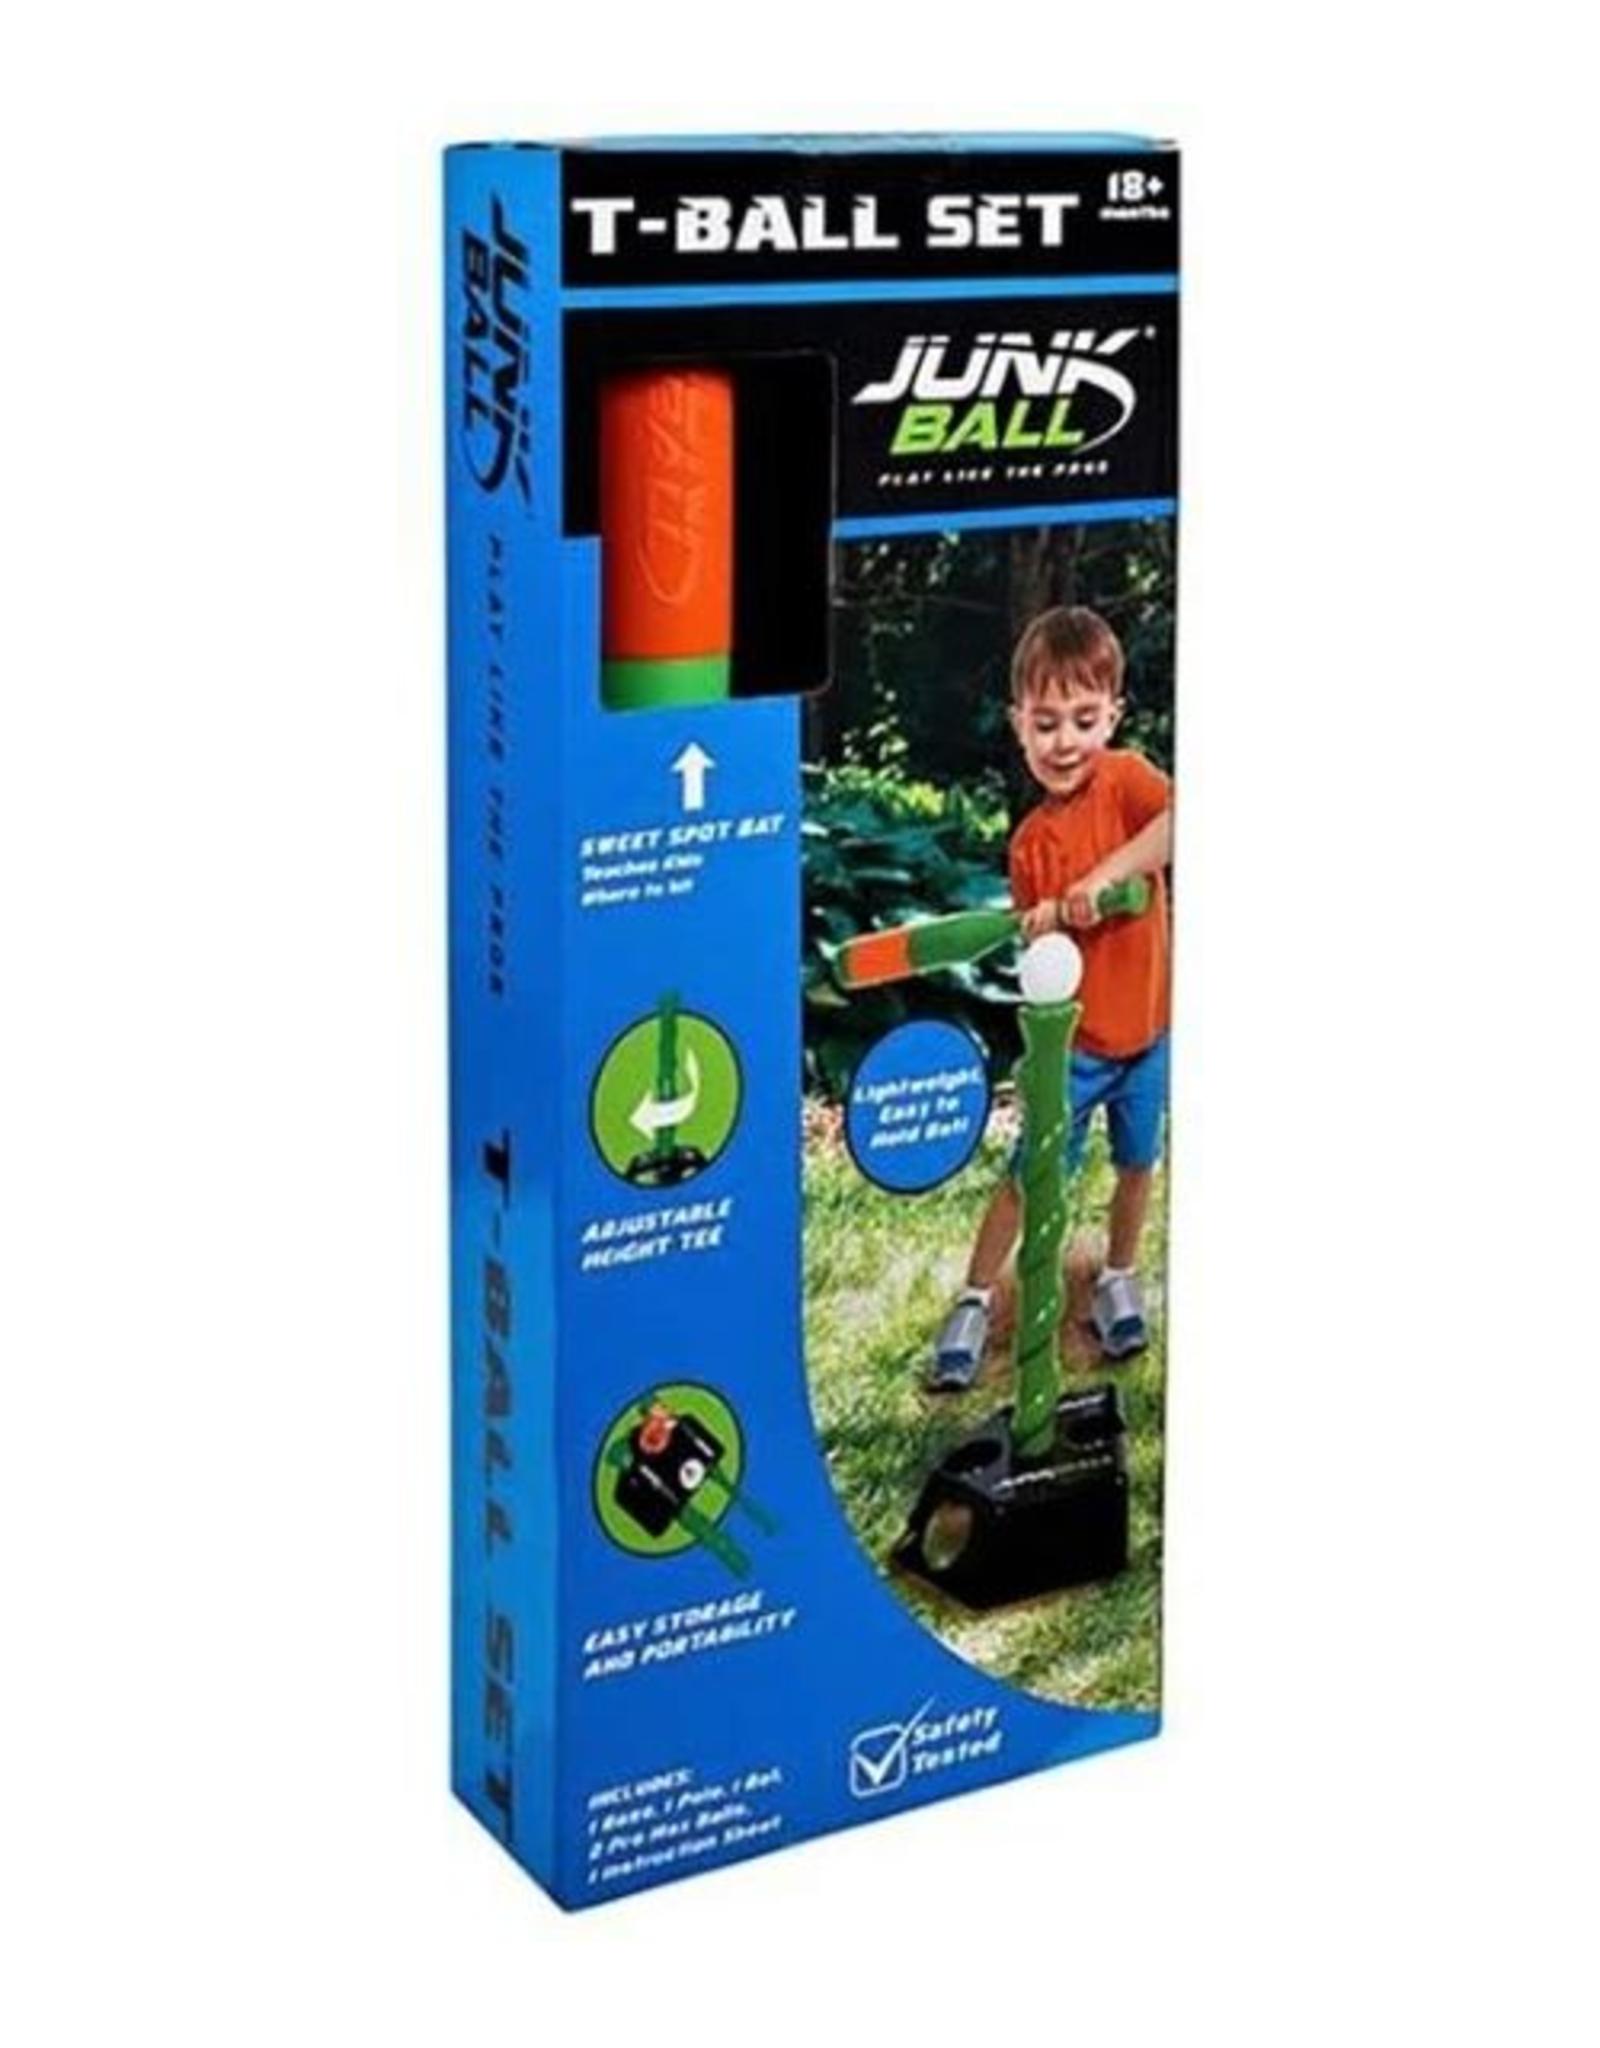 Little Kids Inc. Junk Ball TBall Set